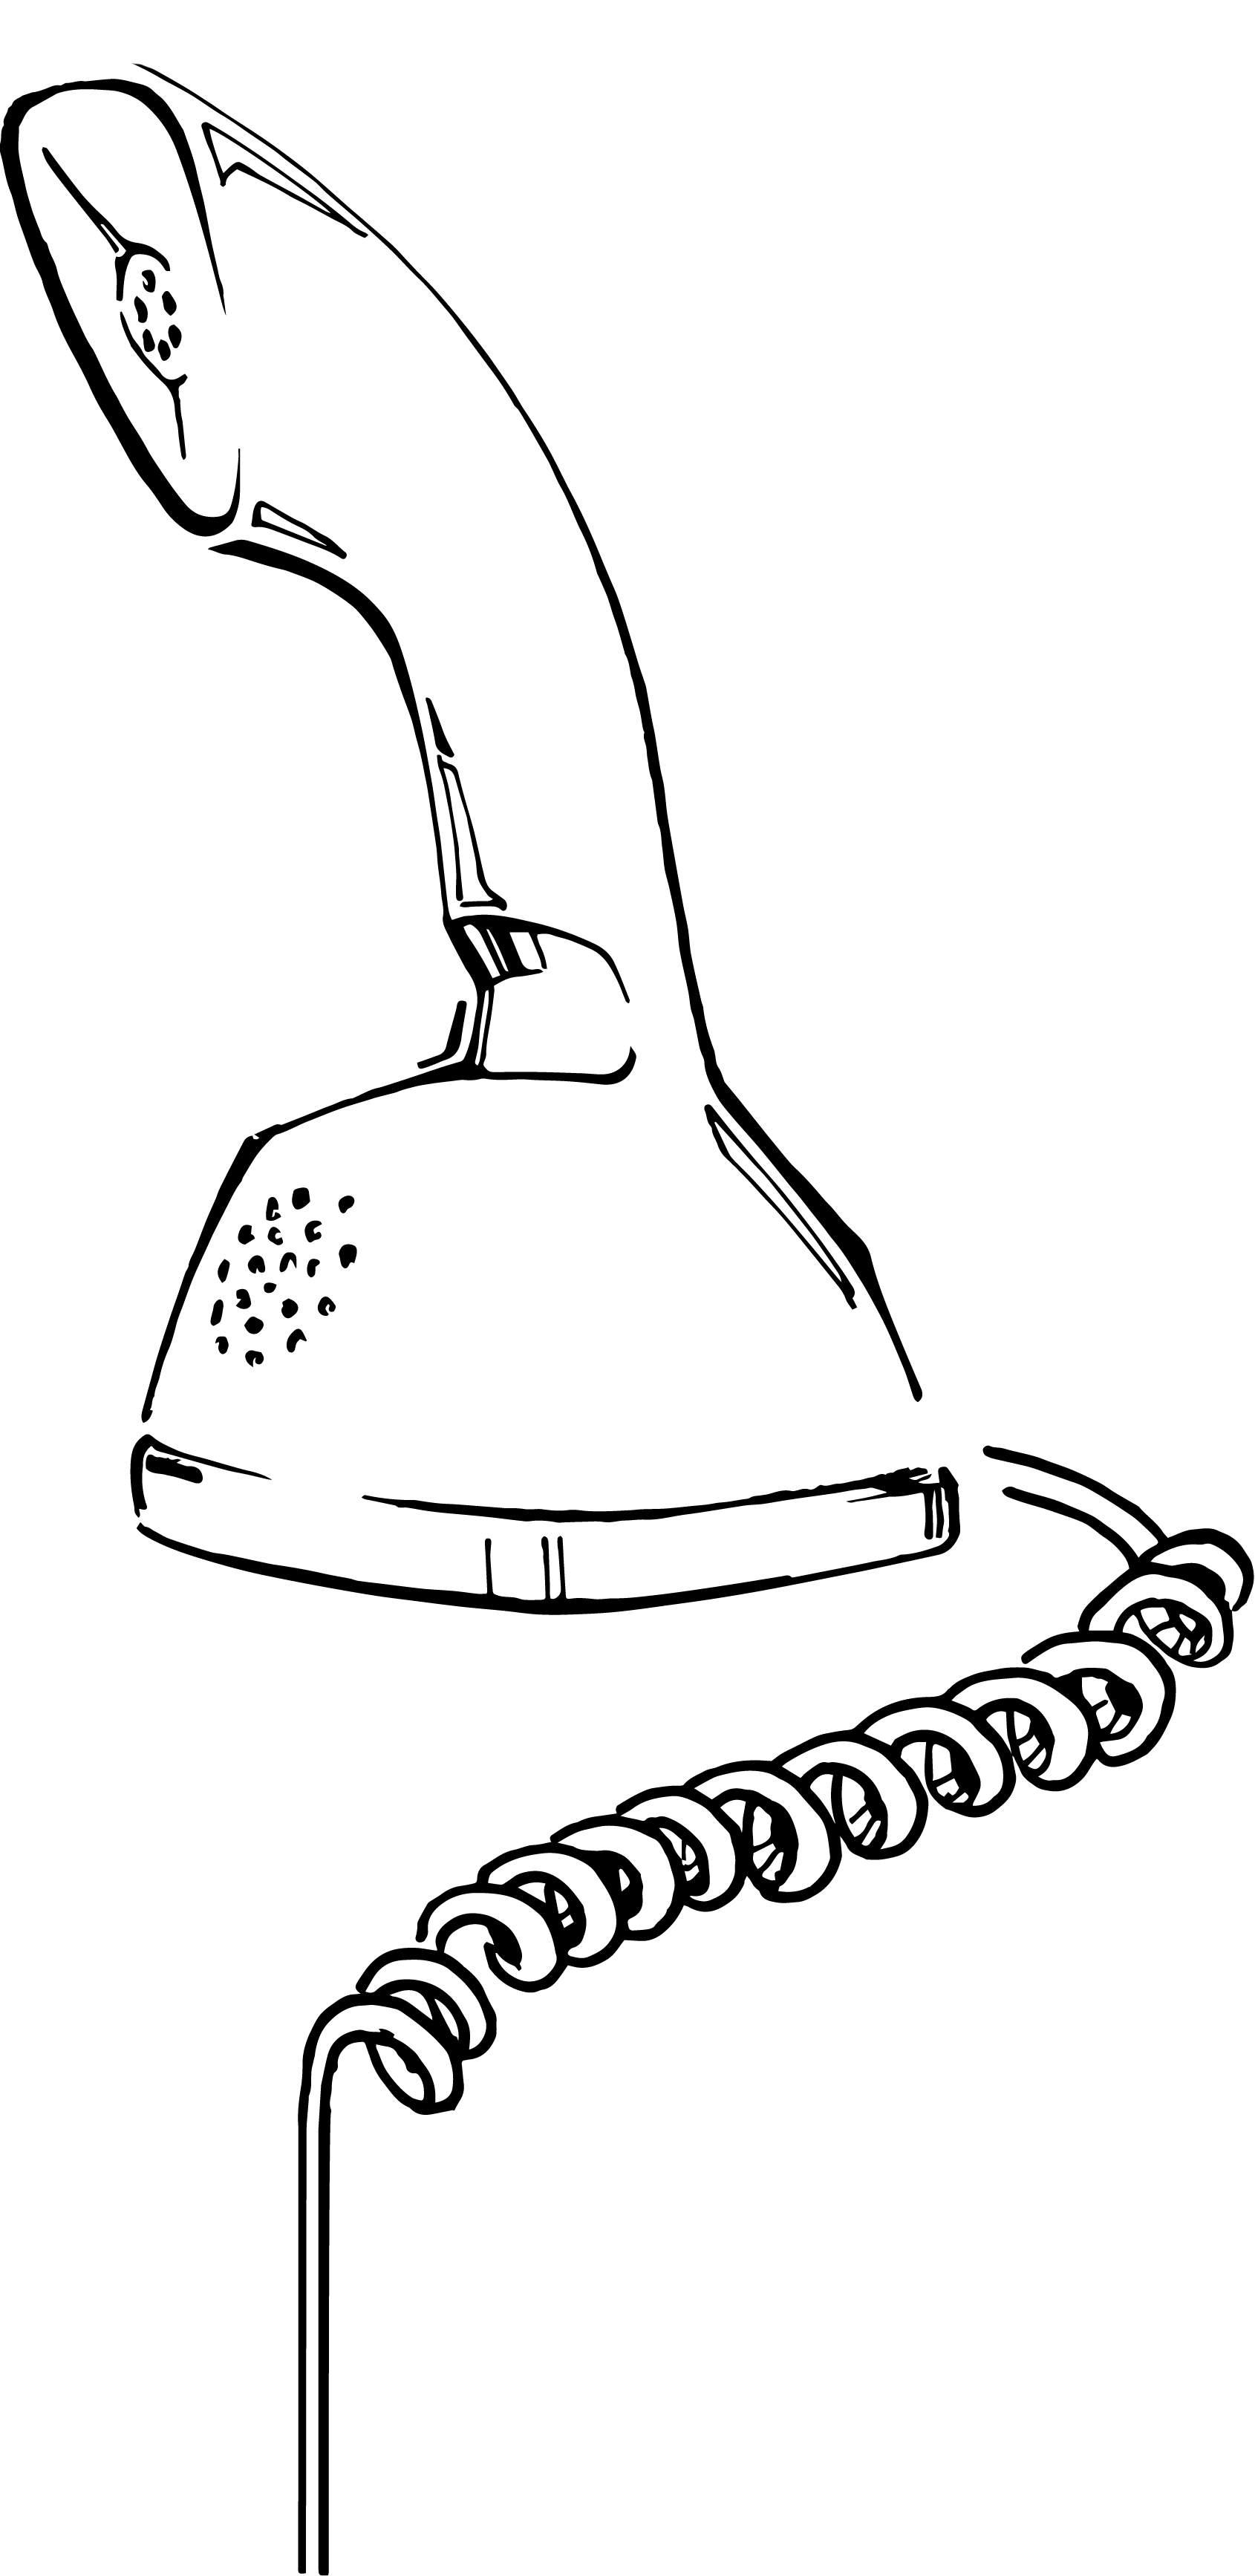 Ericofone design sketch